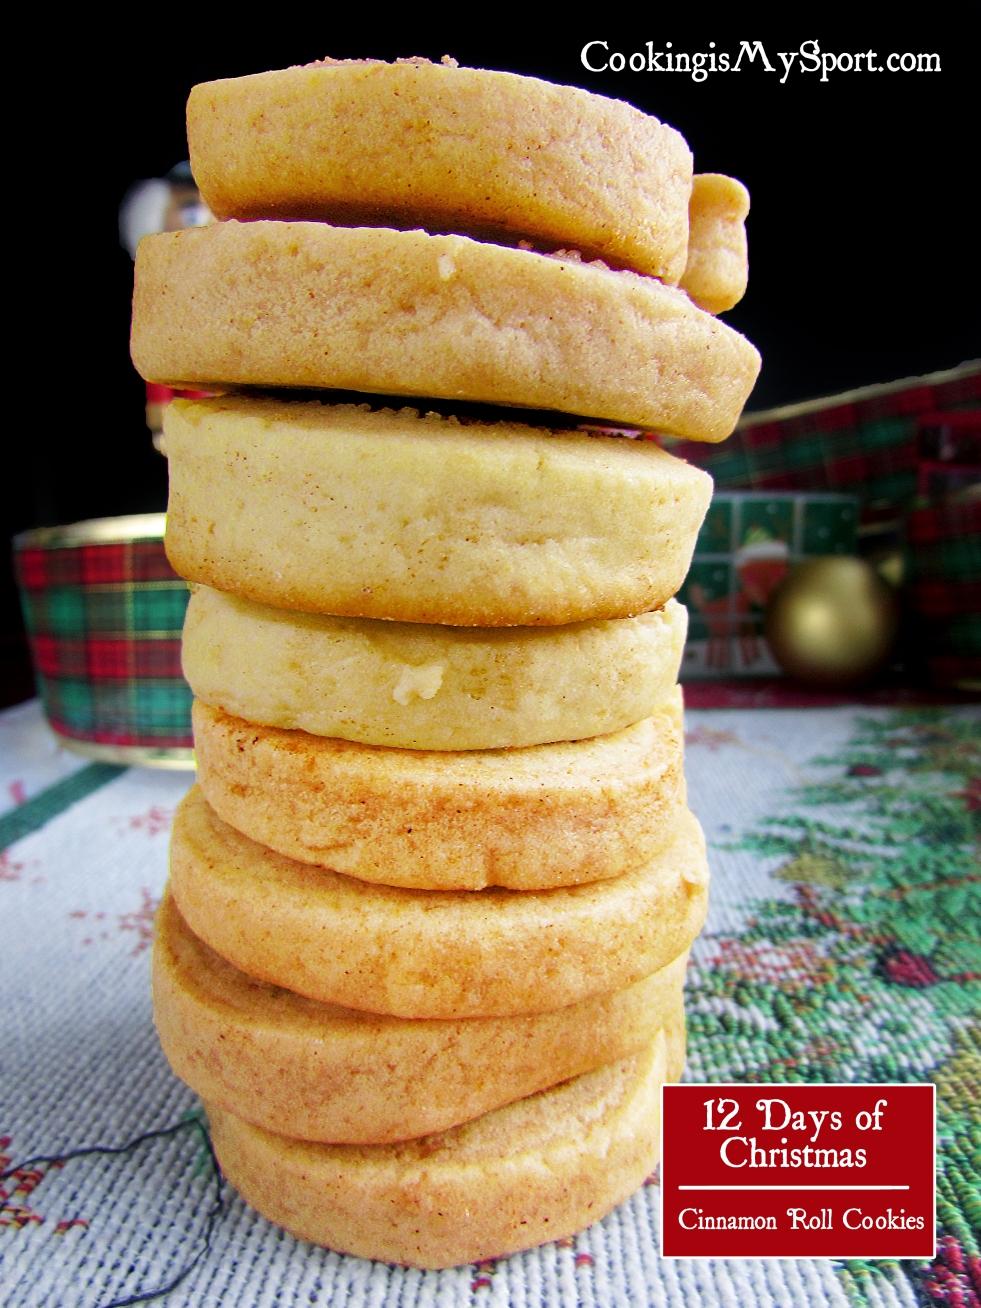 cinnamon-roll-cookies3